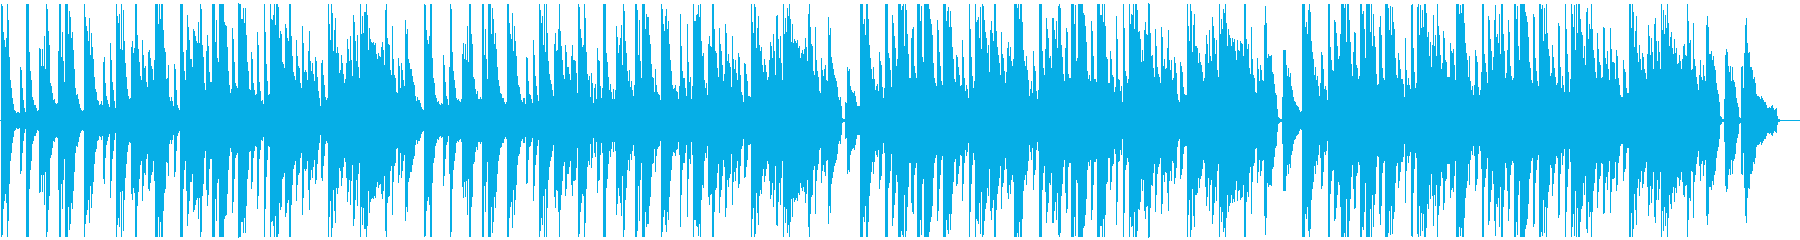 ピアノメイン、ゆったりとして情熱的な曲の再生済みの波形